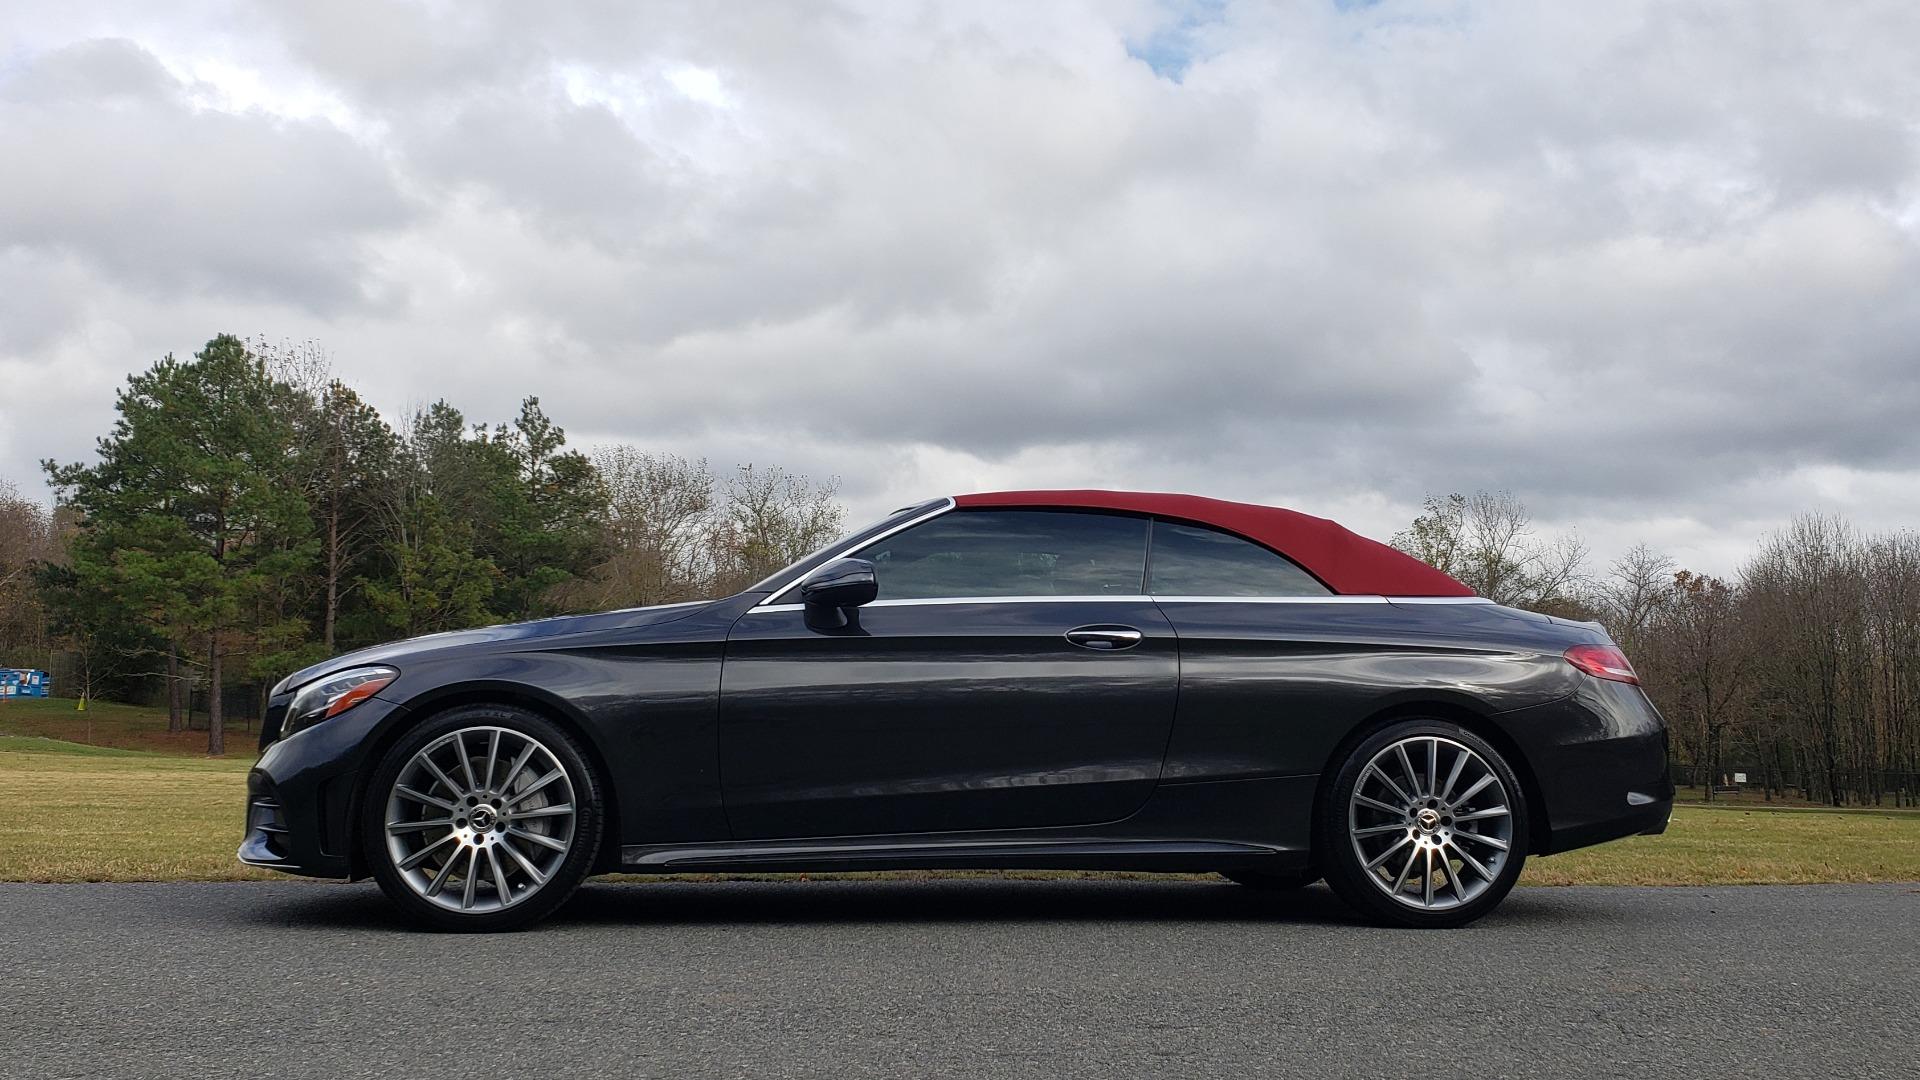 Used 2019 Mercedes-Benz C-CLASS C 300 CABRIOLET / PREM PKG / NAV / BURMESTER / MULTIMEDIA for sale Sold at Formula Imports in Charlotte NC 28227 5